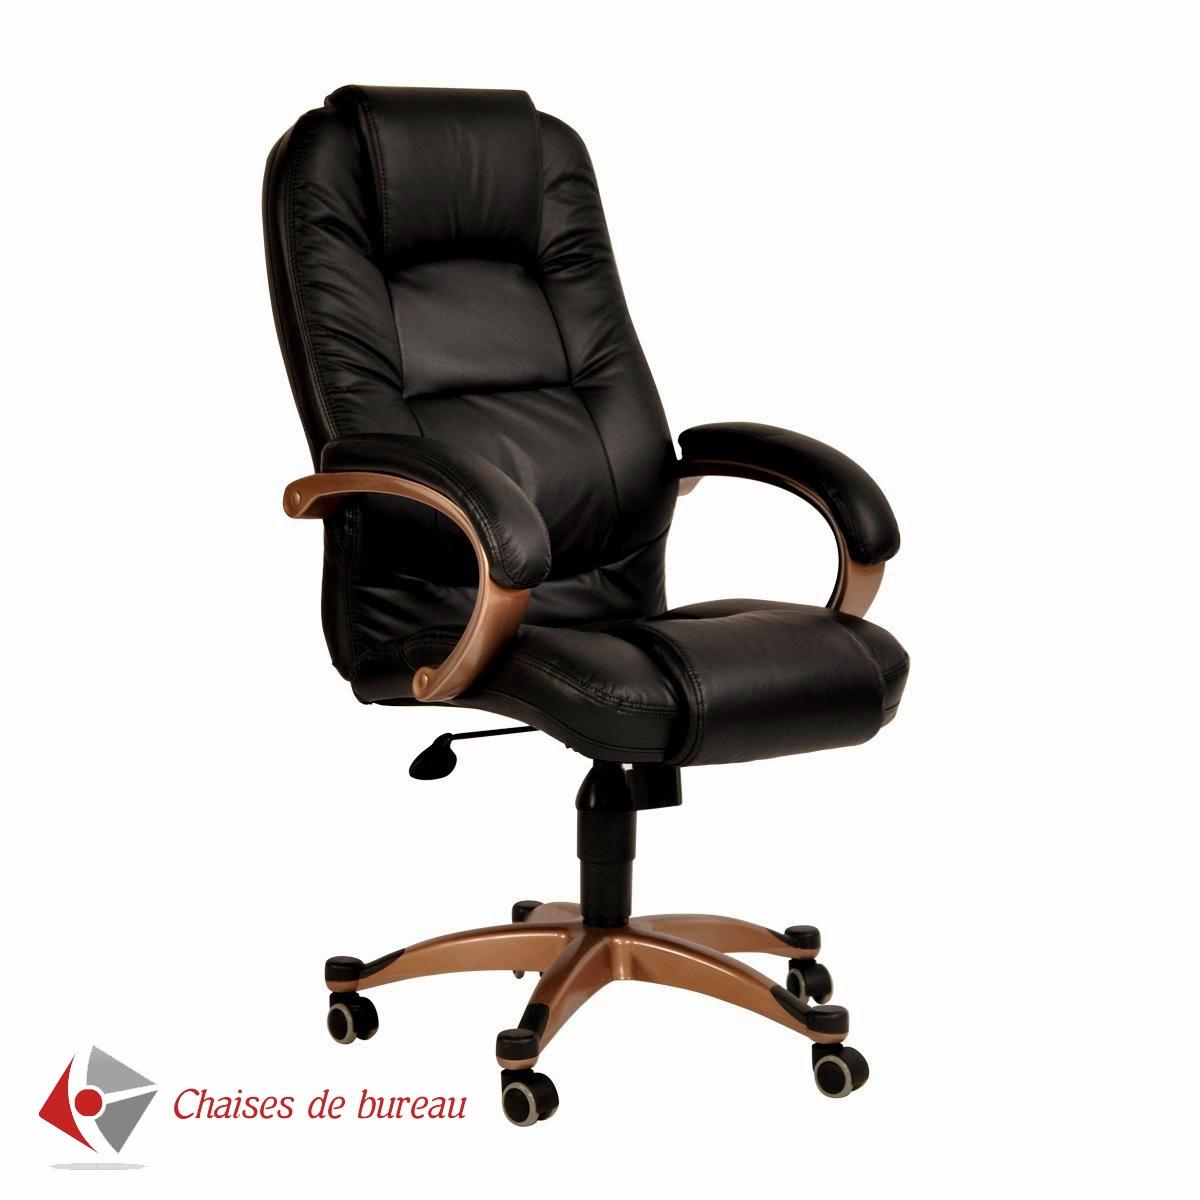 Chaise de bureau design sans roulette - Roulette siege de bureau ...